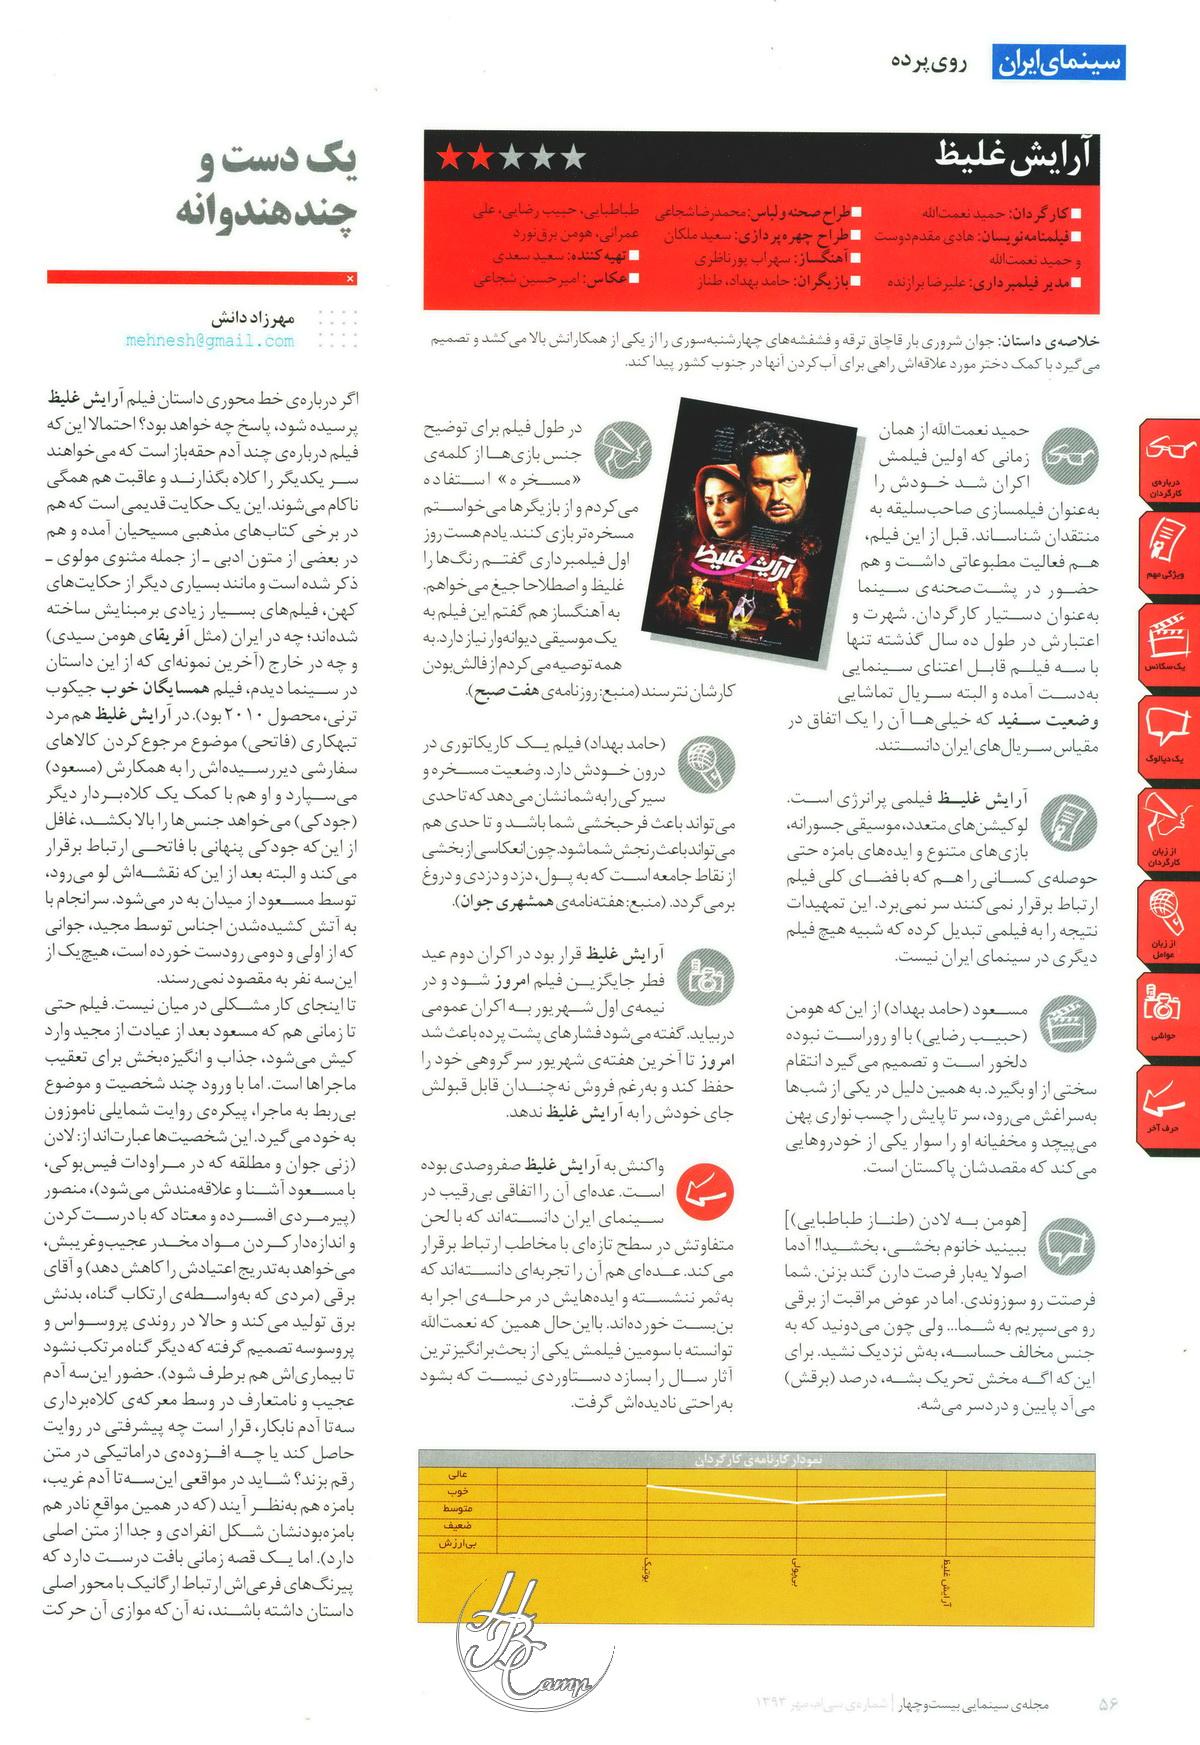 http://yotab.persiangig.com/magazin/24mag-56/n06.jpg